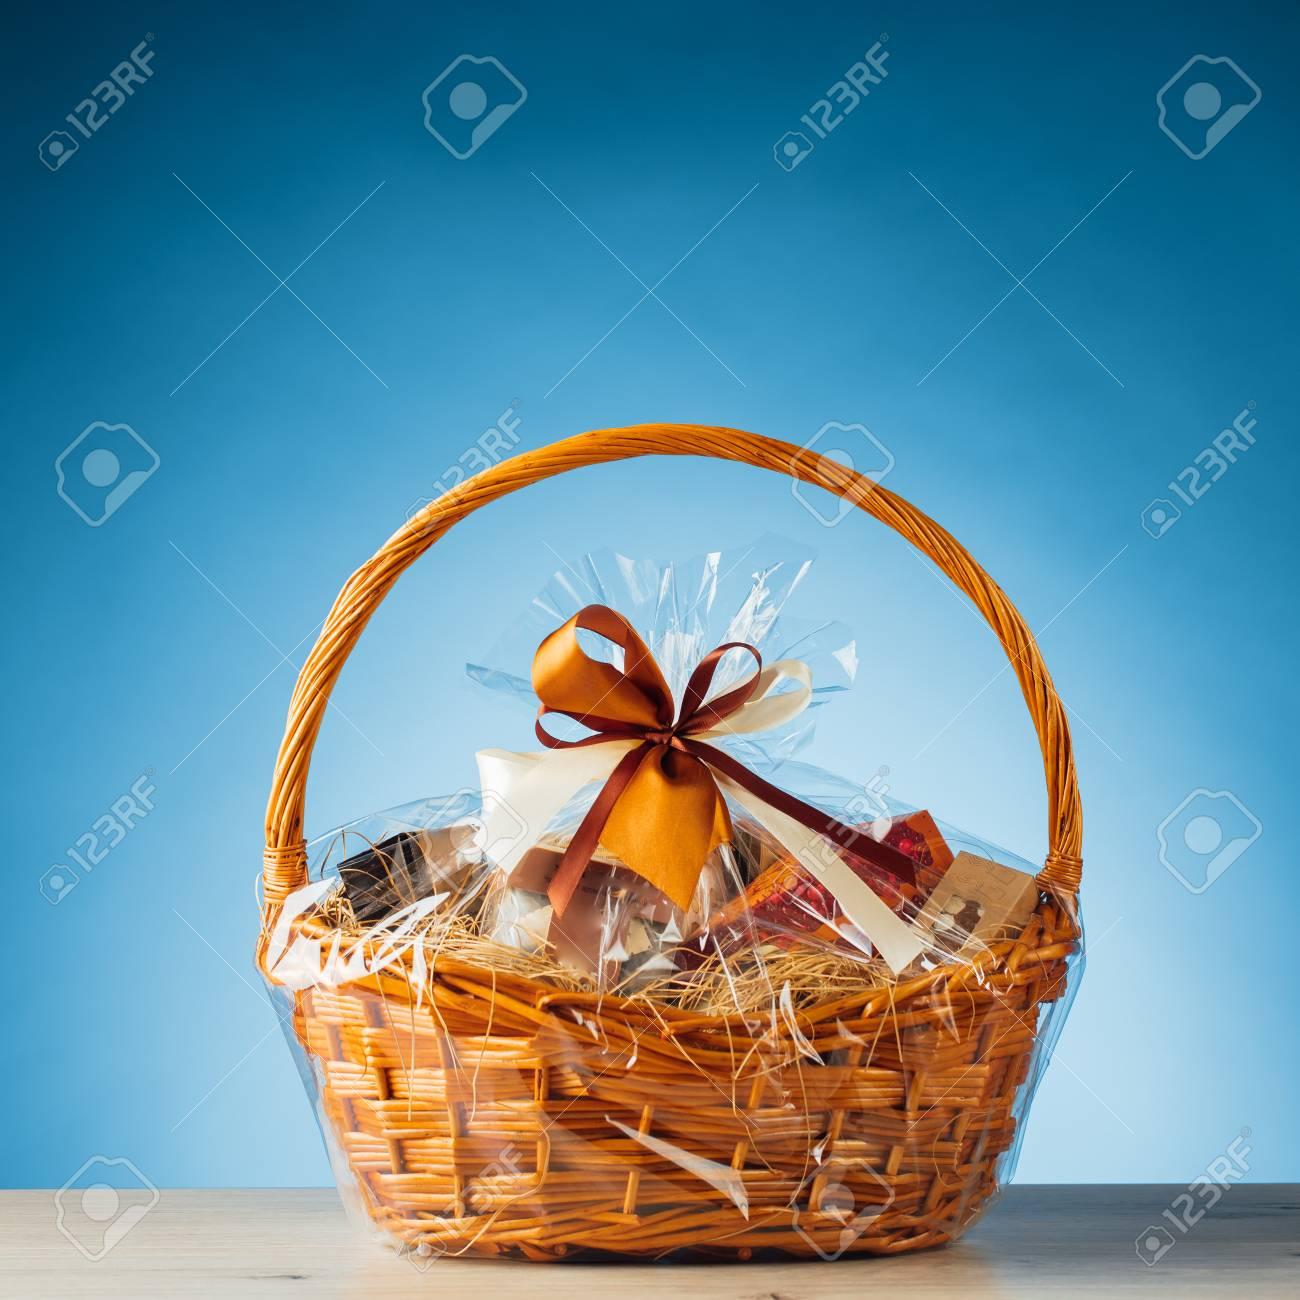 gift basket on blue background - 80703531